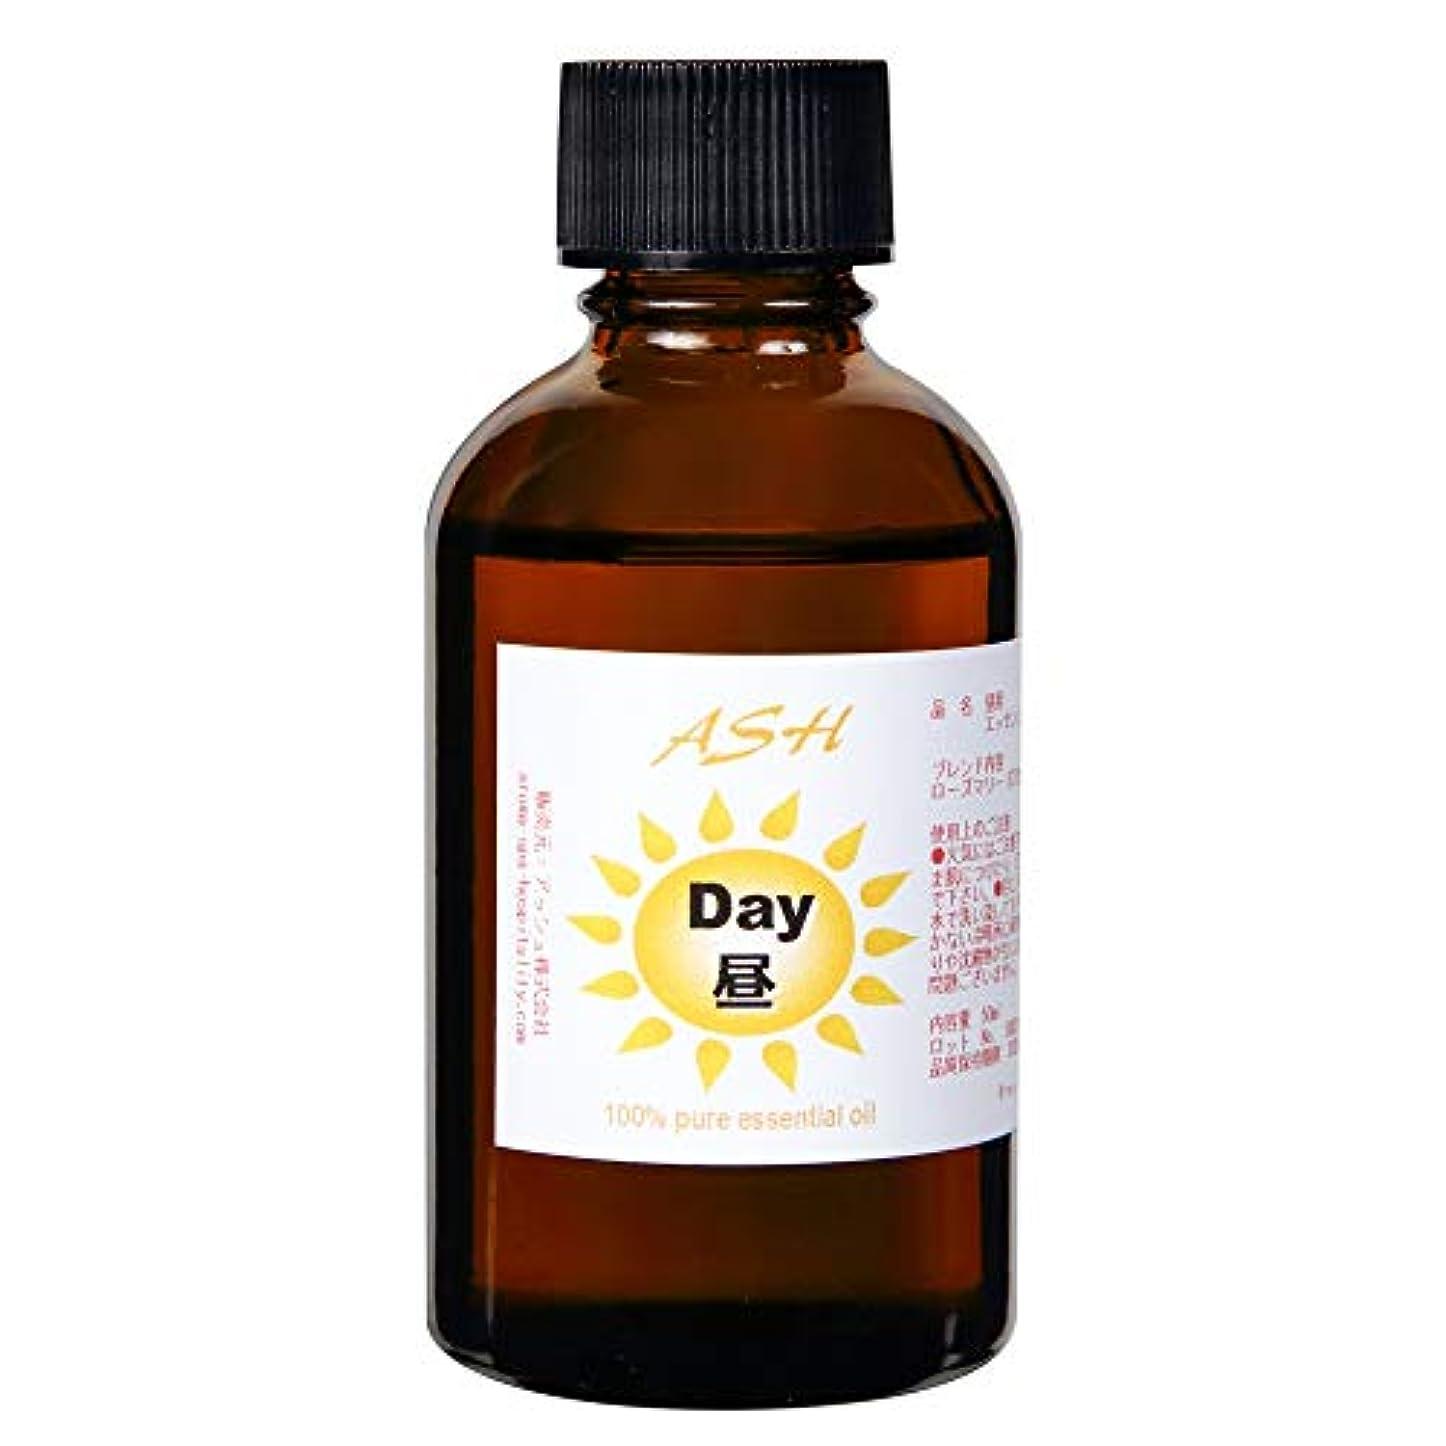 ASH Day(昼用)エッセンシャルオイルブレンド50ml【ローズマリー+レモン】